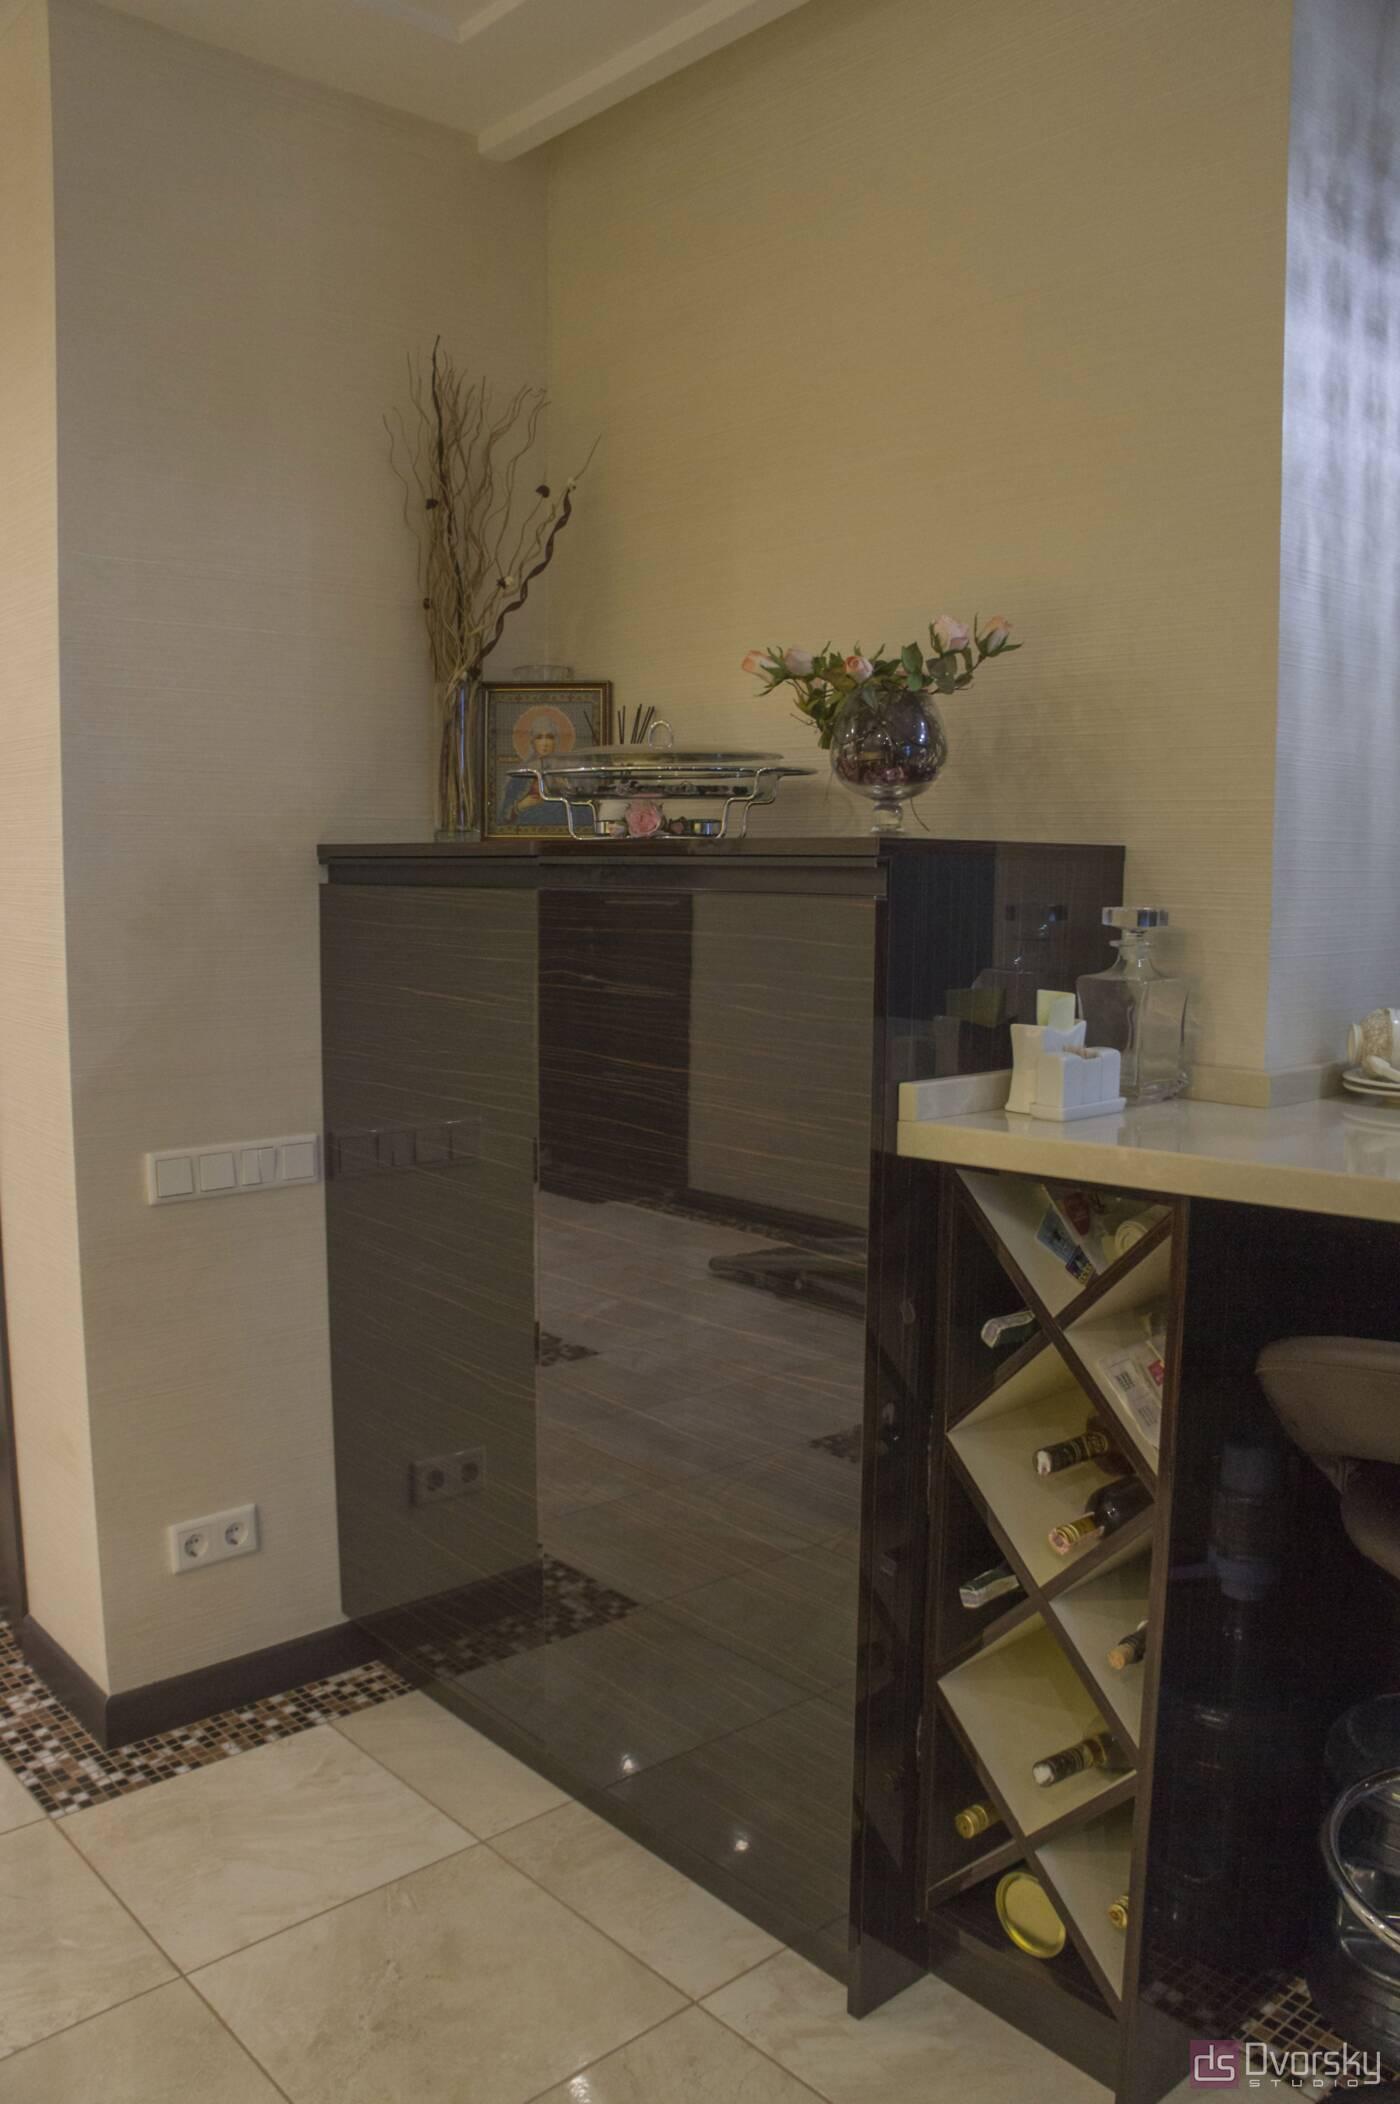 Прямі кухні Кухня дерево і скло - Фото № 9